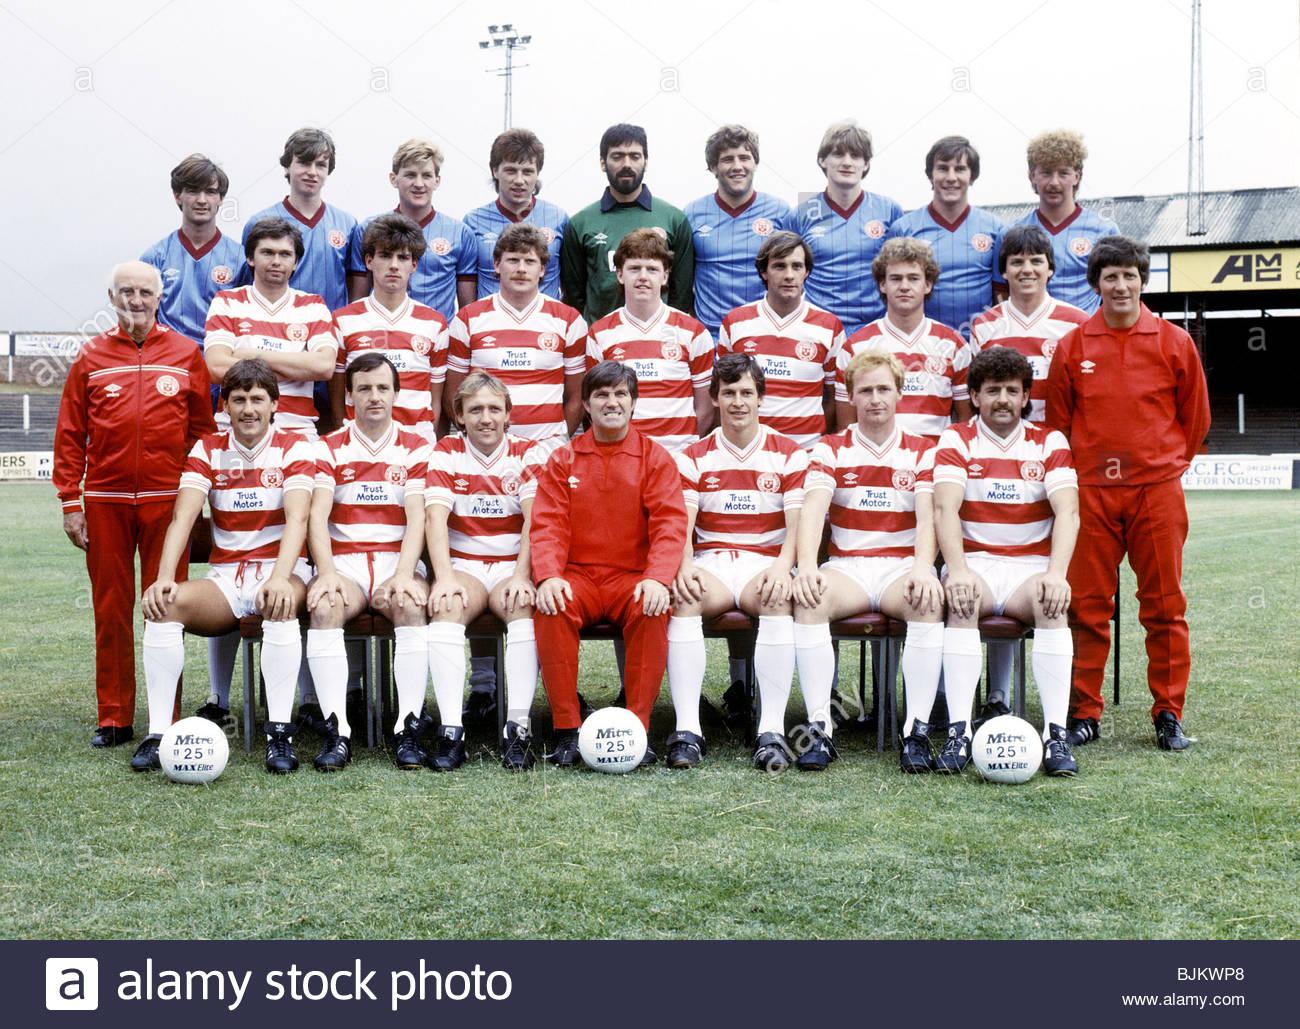 1983/1984 HAMILTON Hamilton team picture - Stock Image